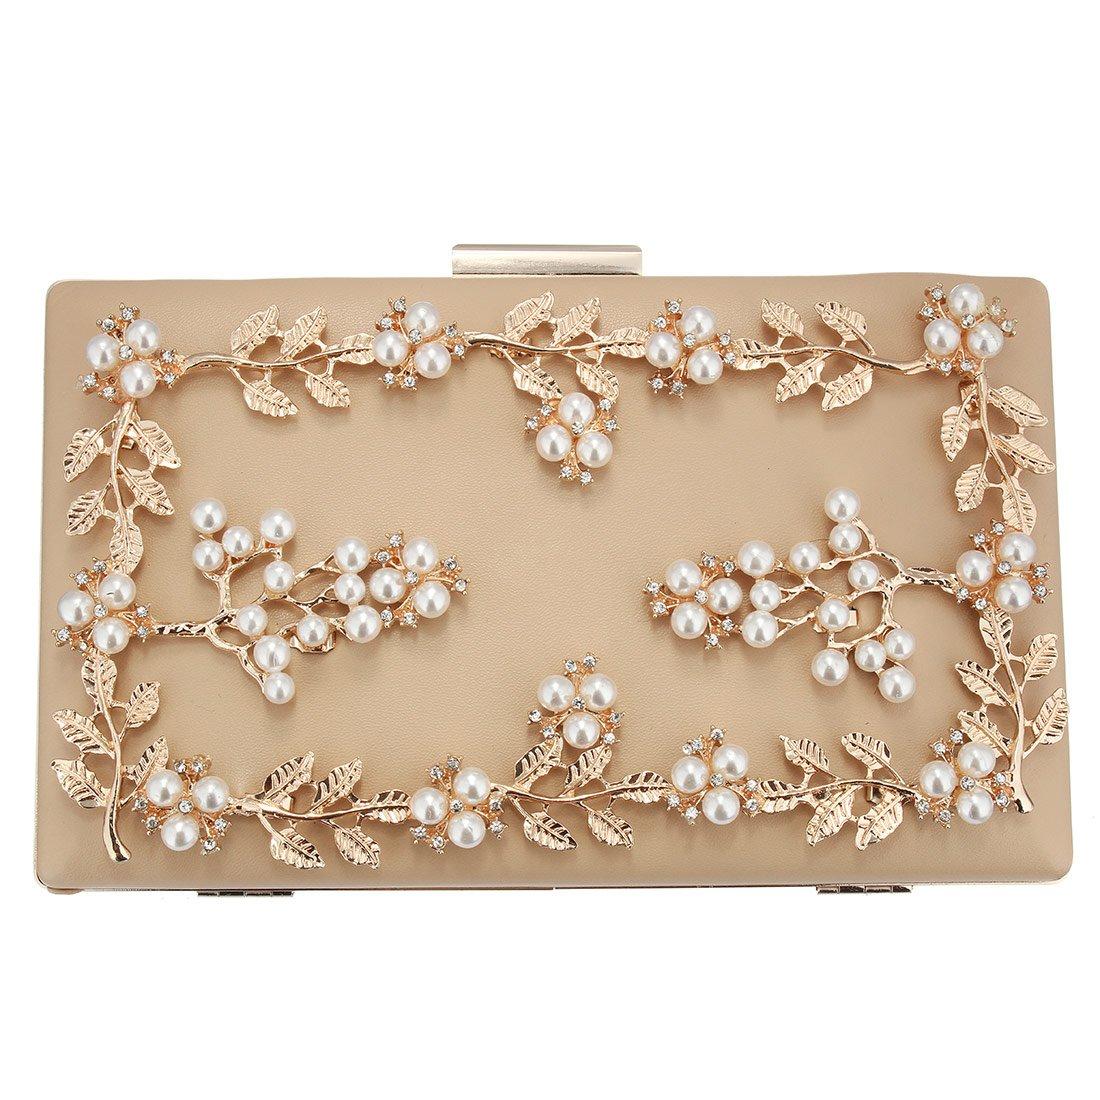 UNYU Flower Clutch Bag Womens Elegant Wedding Handbag Pearl Decor for Party Prom Purse